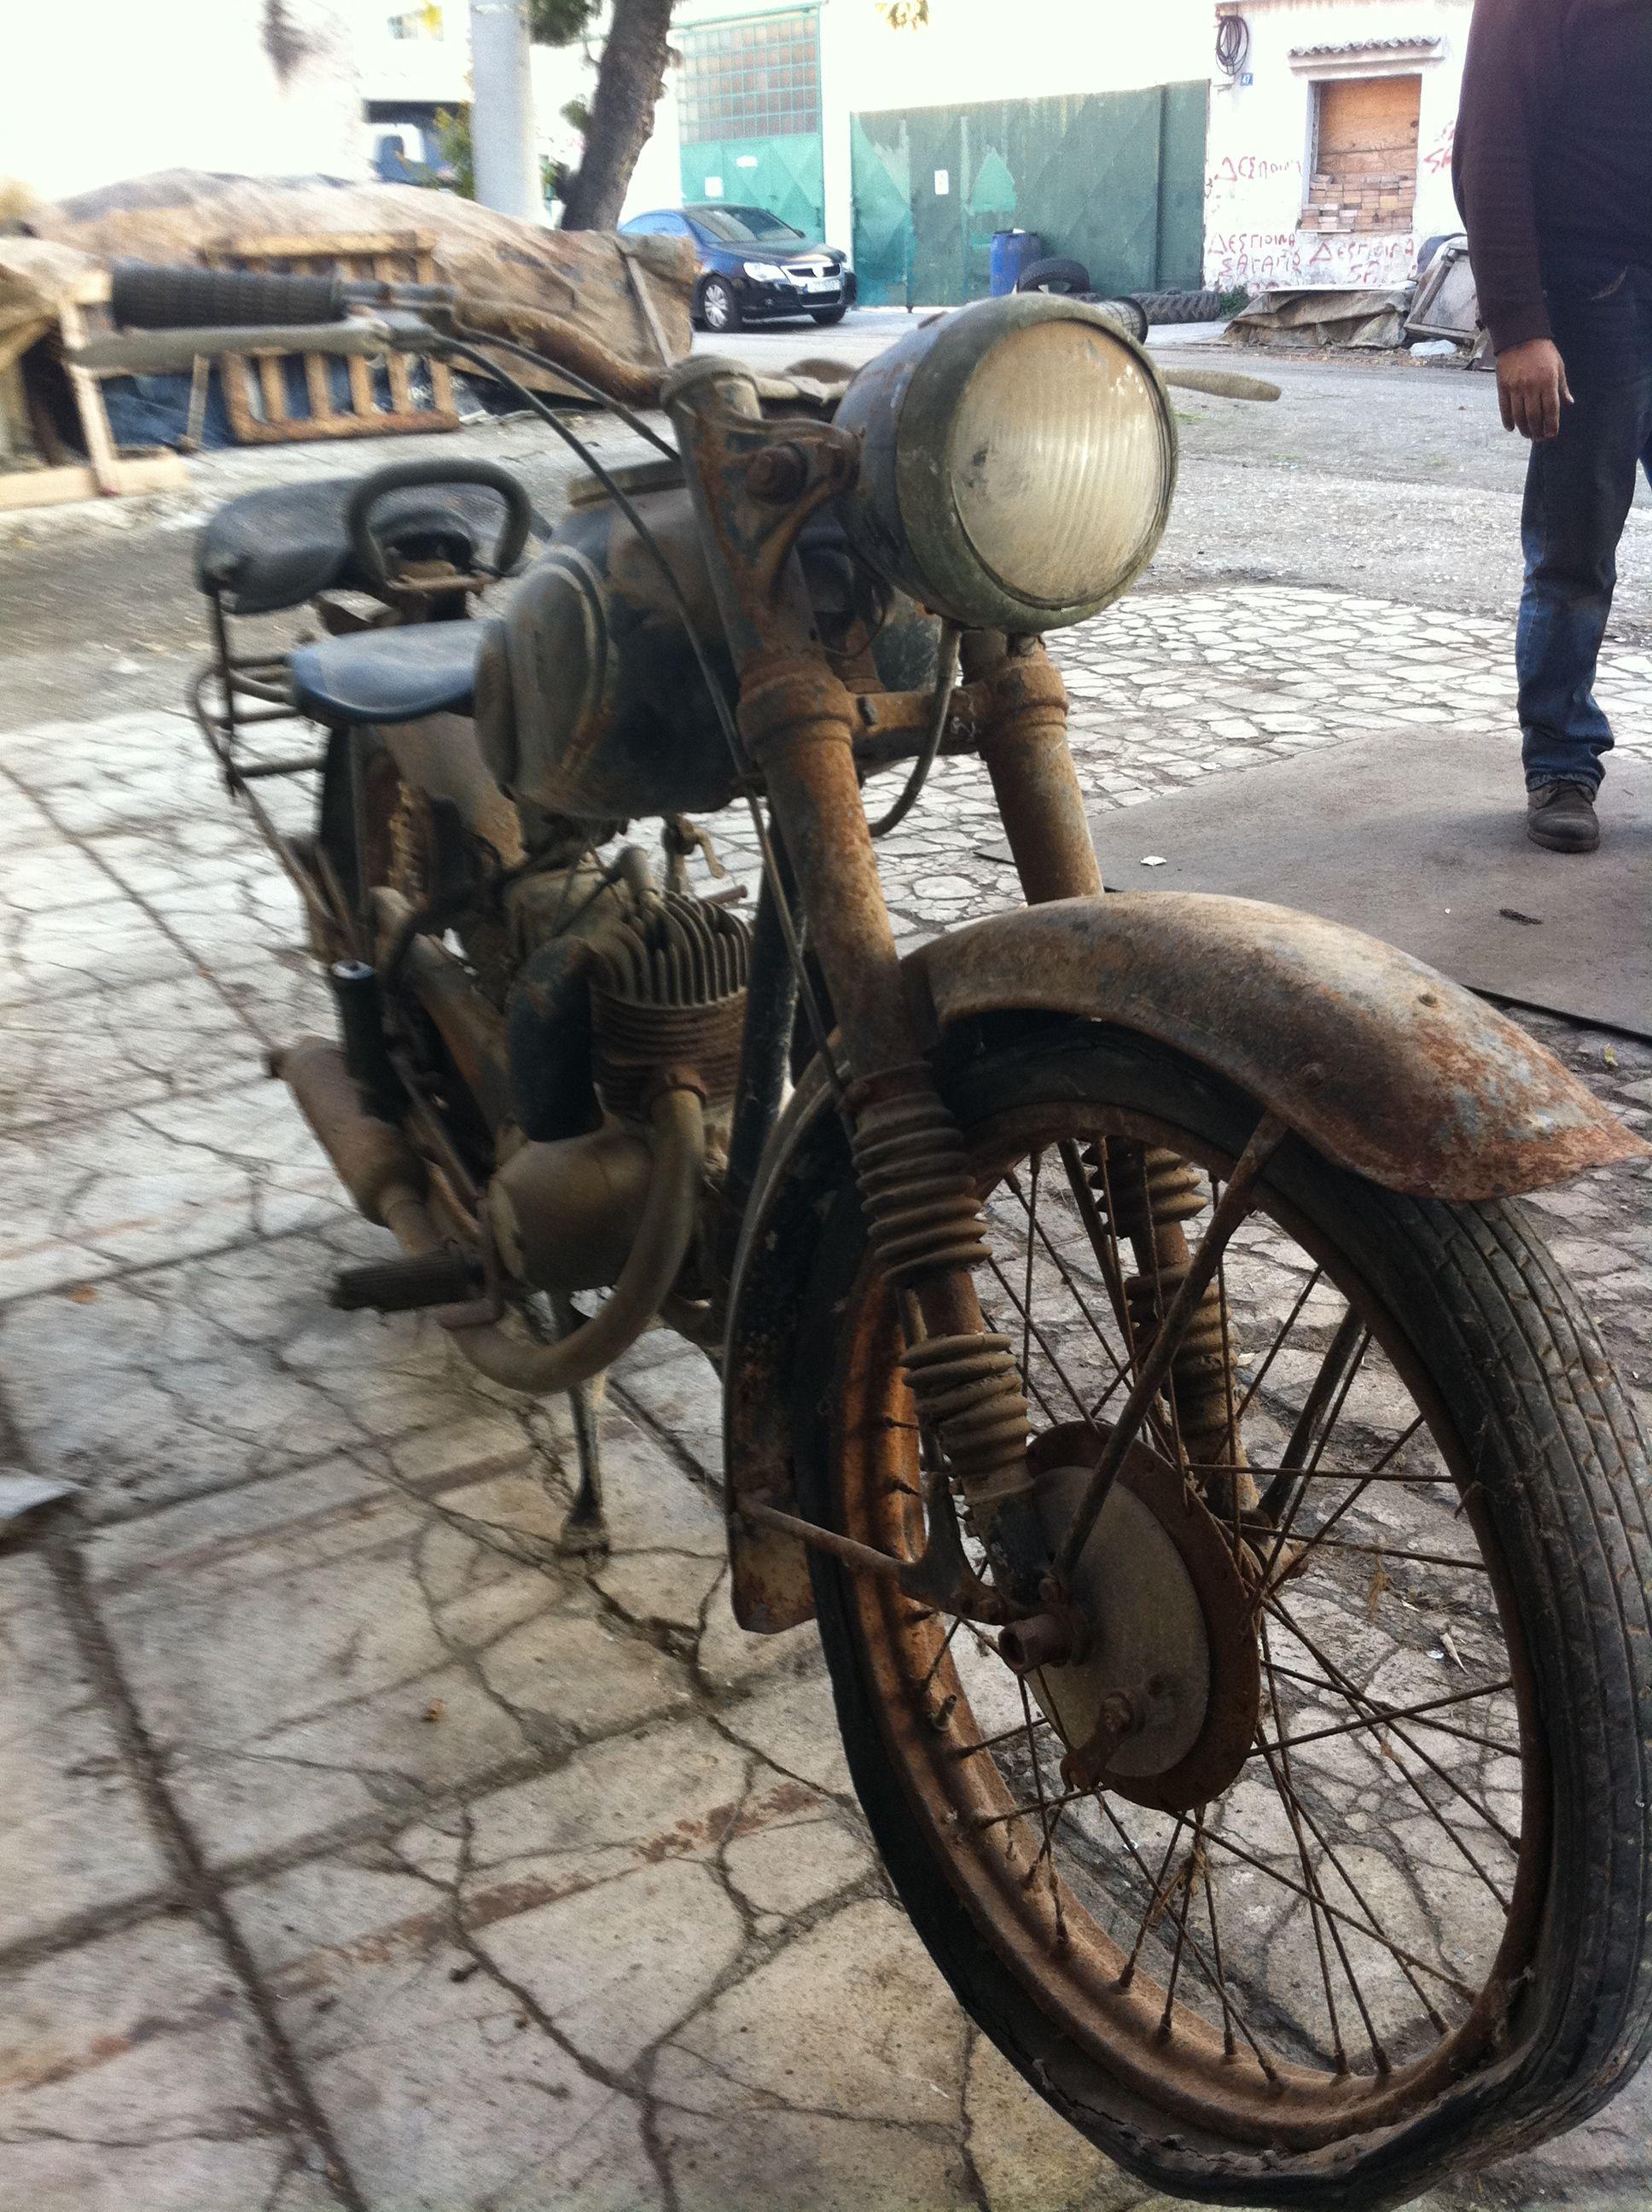 DKW RT 125/2 1953 (com imagens) | Motos antigas, Motos